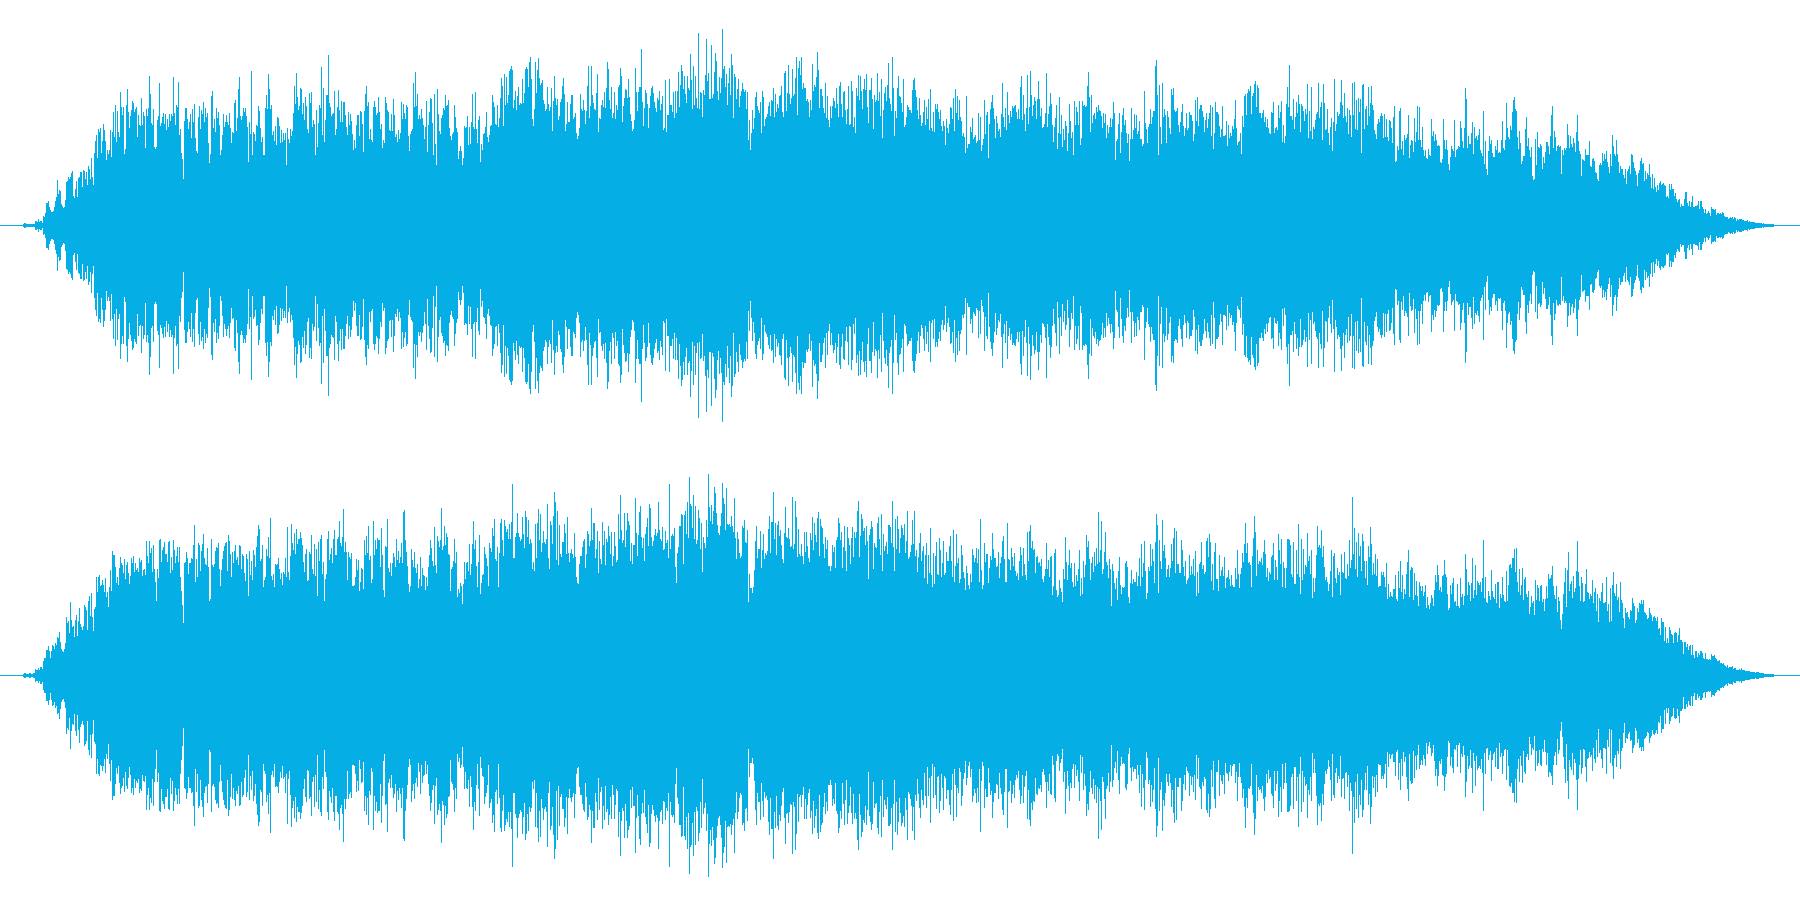 暴走族の走行およびコール タイプDの再生済みの波形